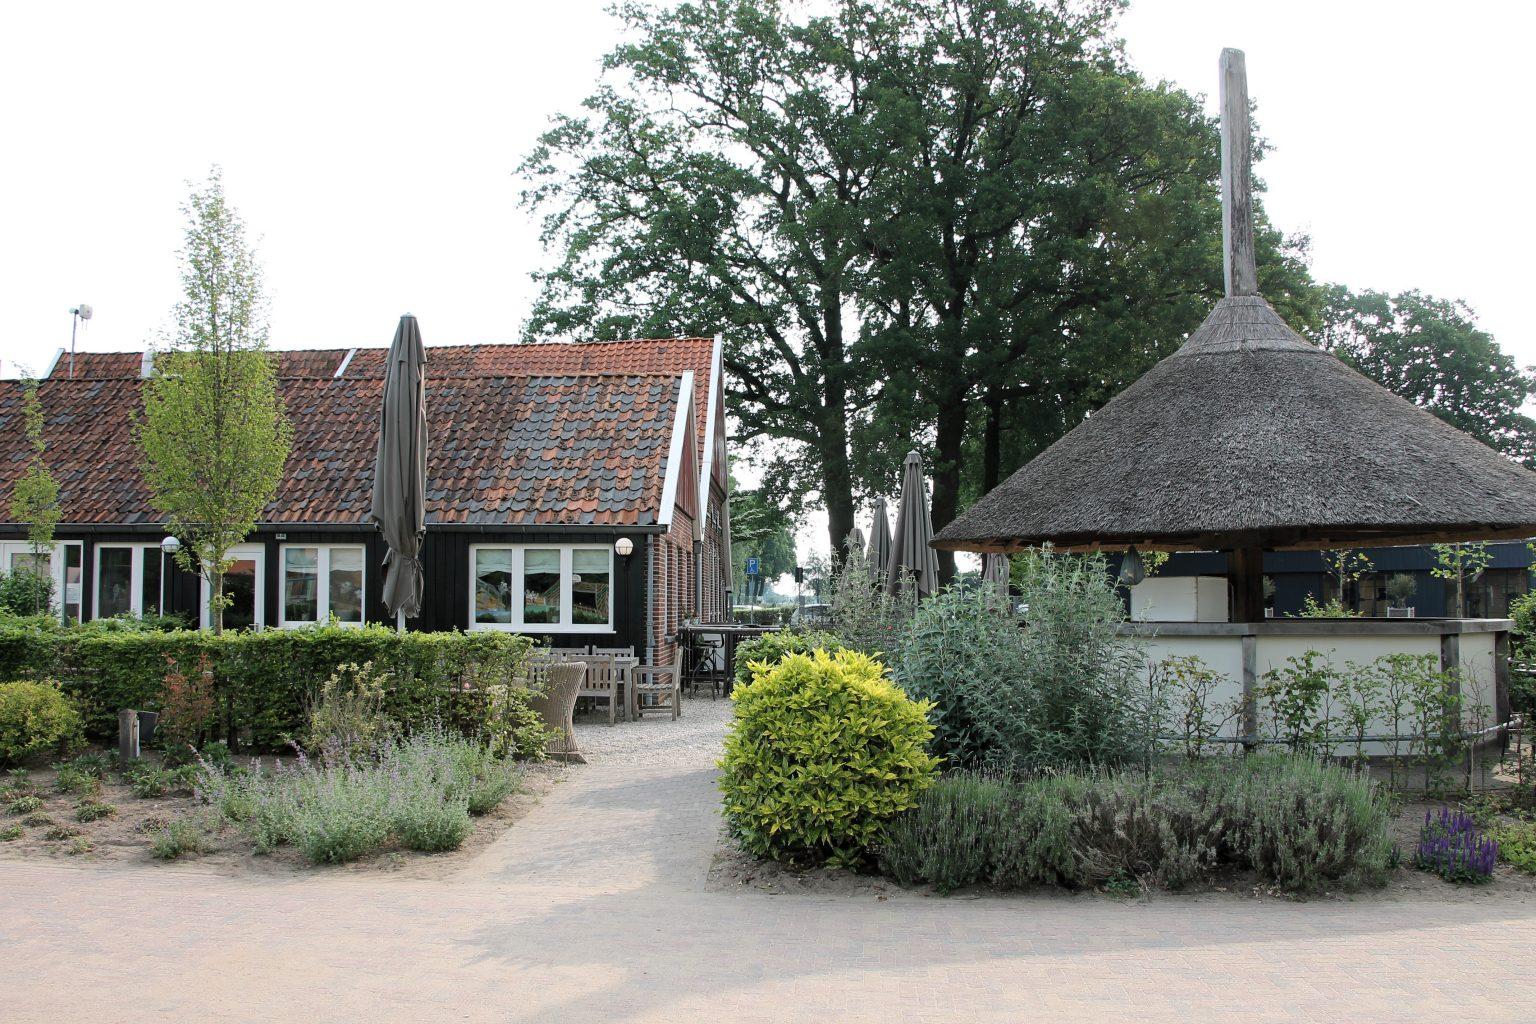 Restaurant De Schoppe Winterswijk Erfahrungen